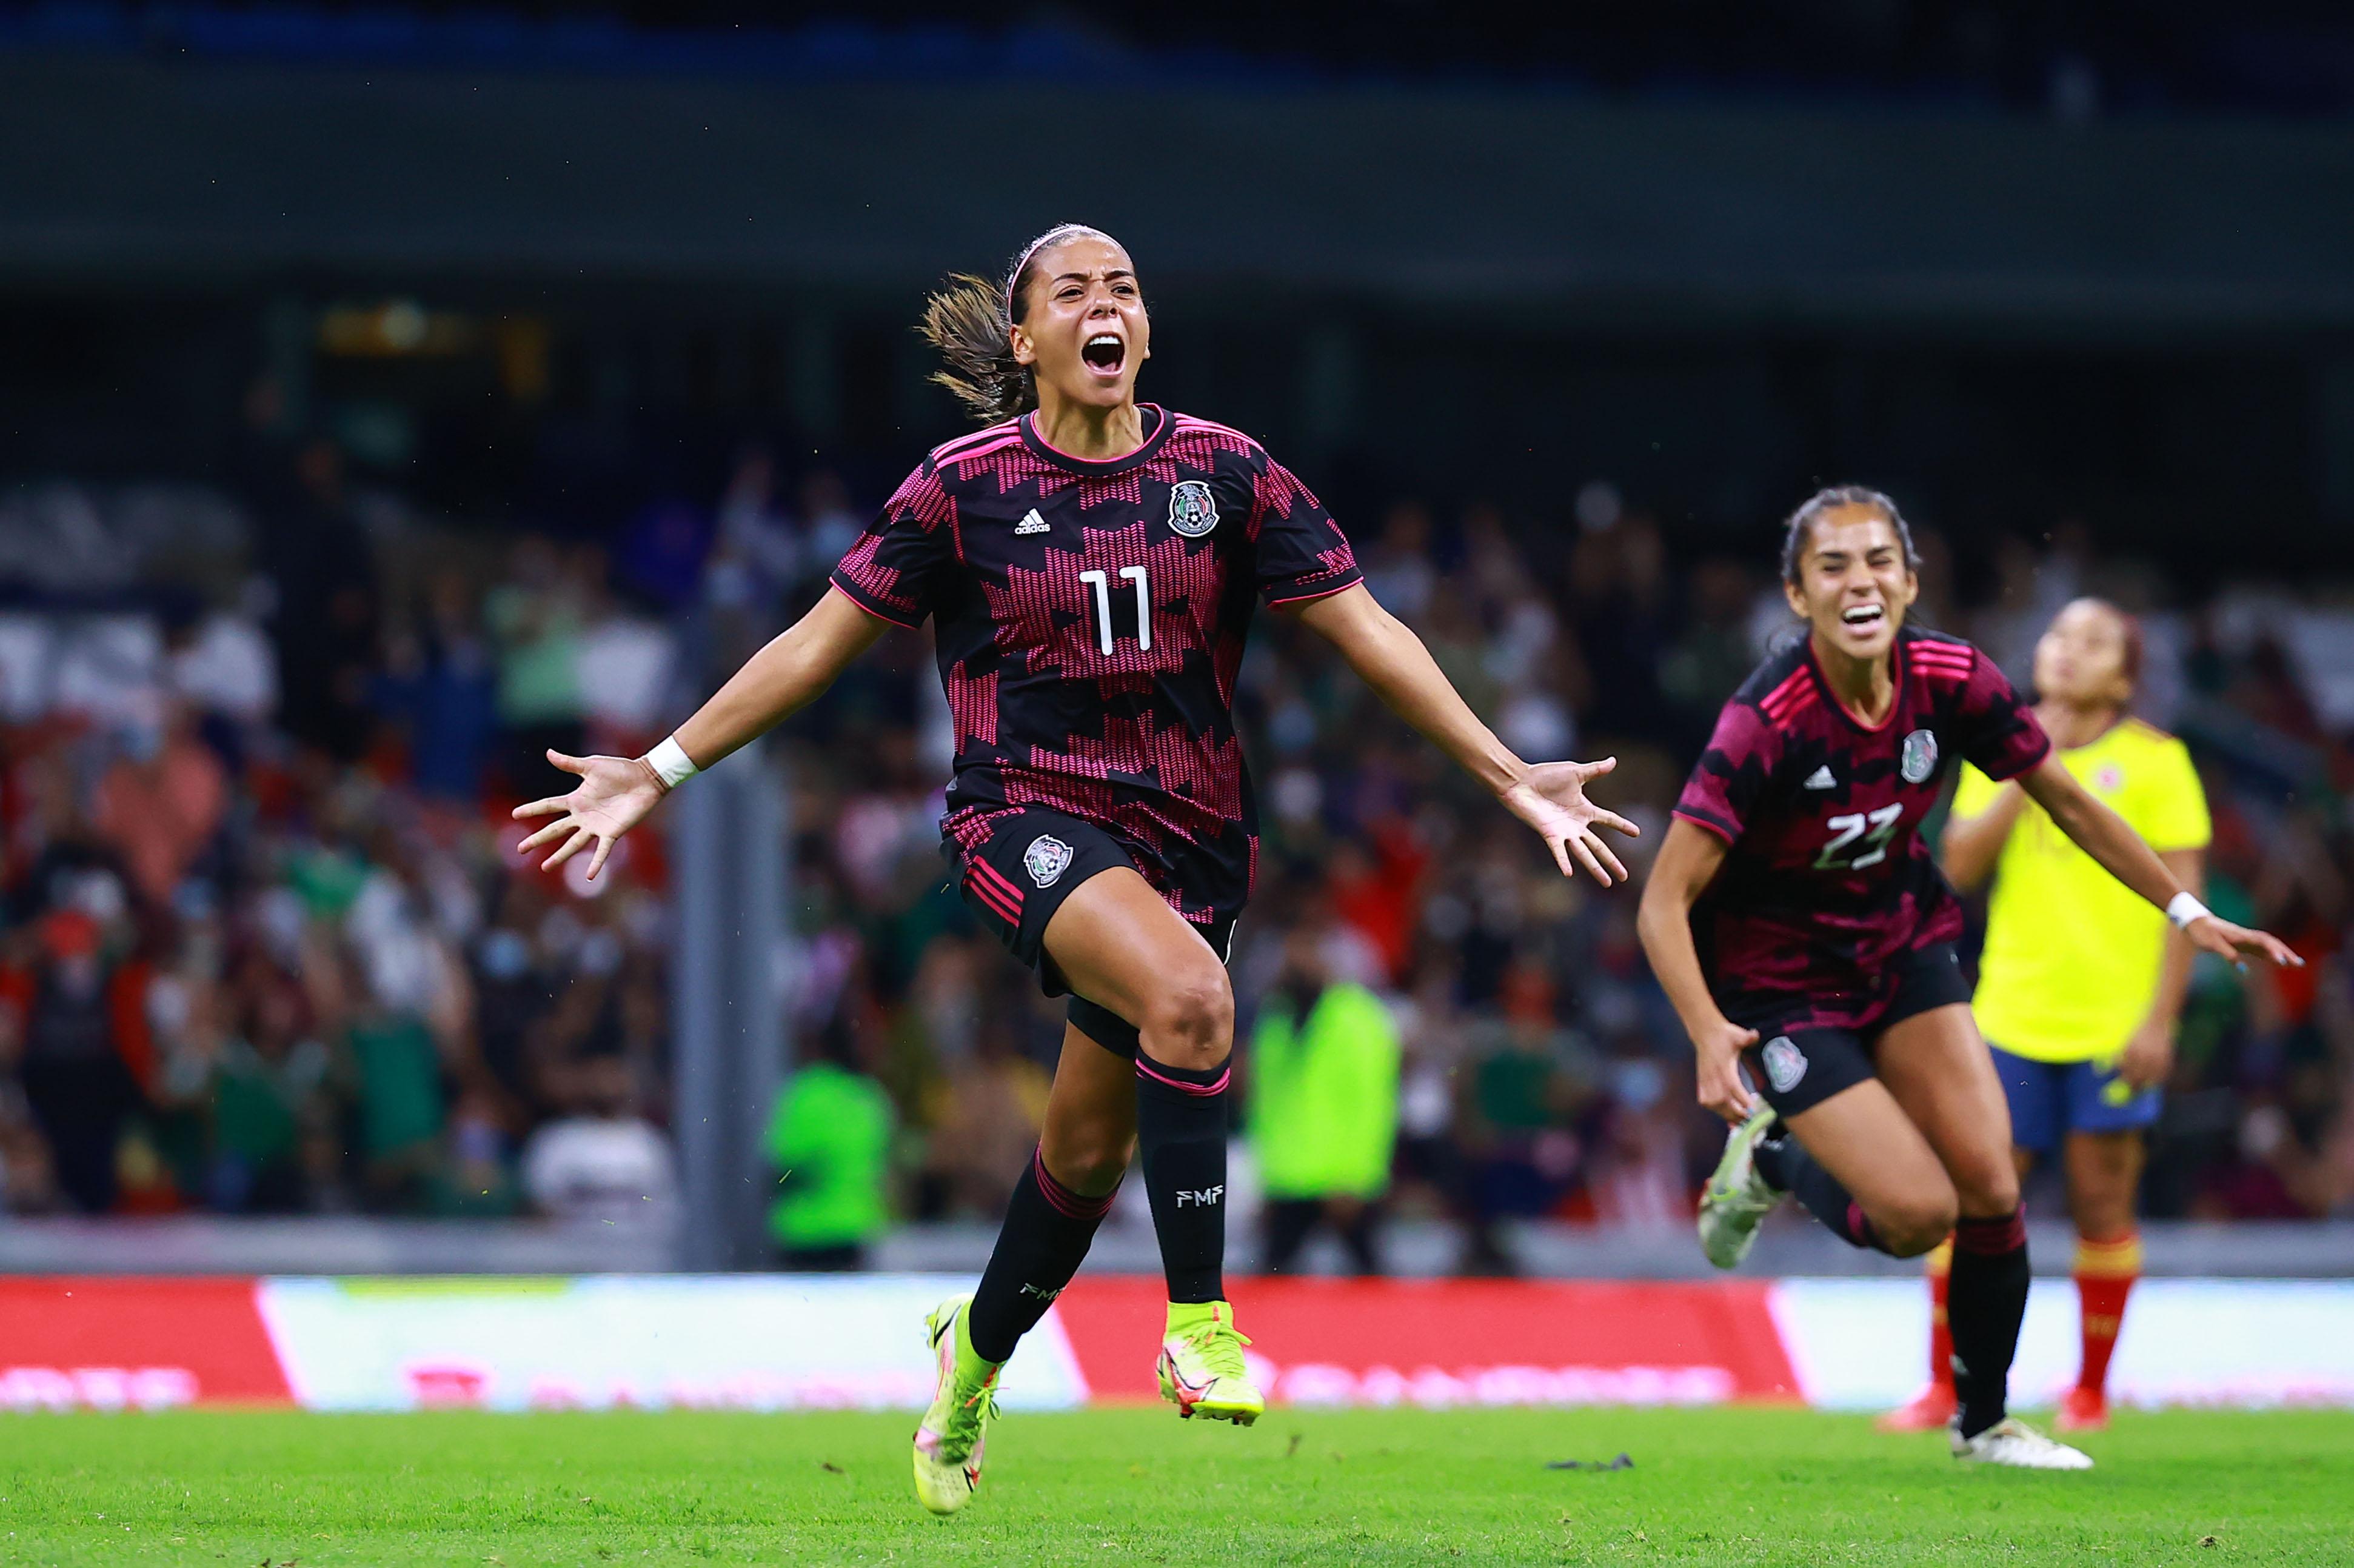 México vs Colombia 2-0 Amistoso Femenil 2021